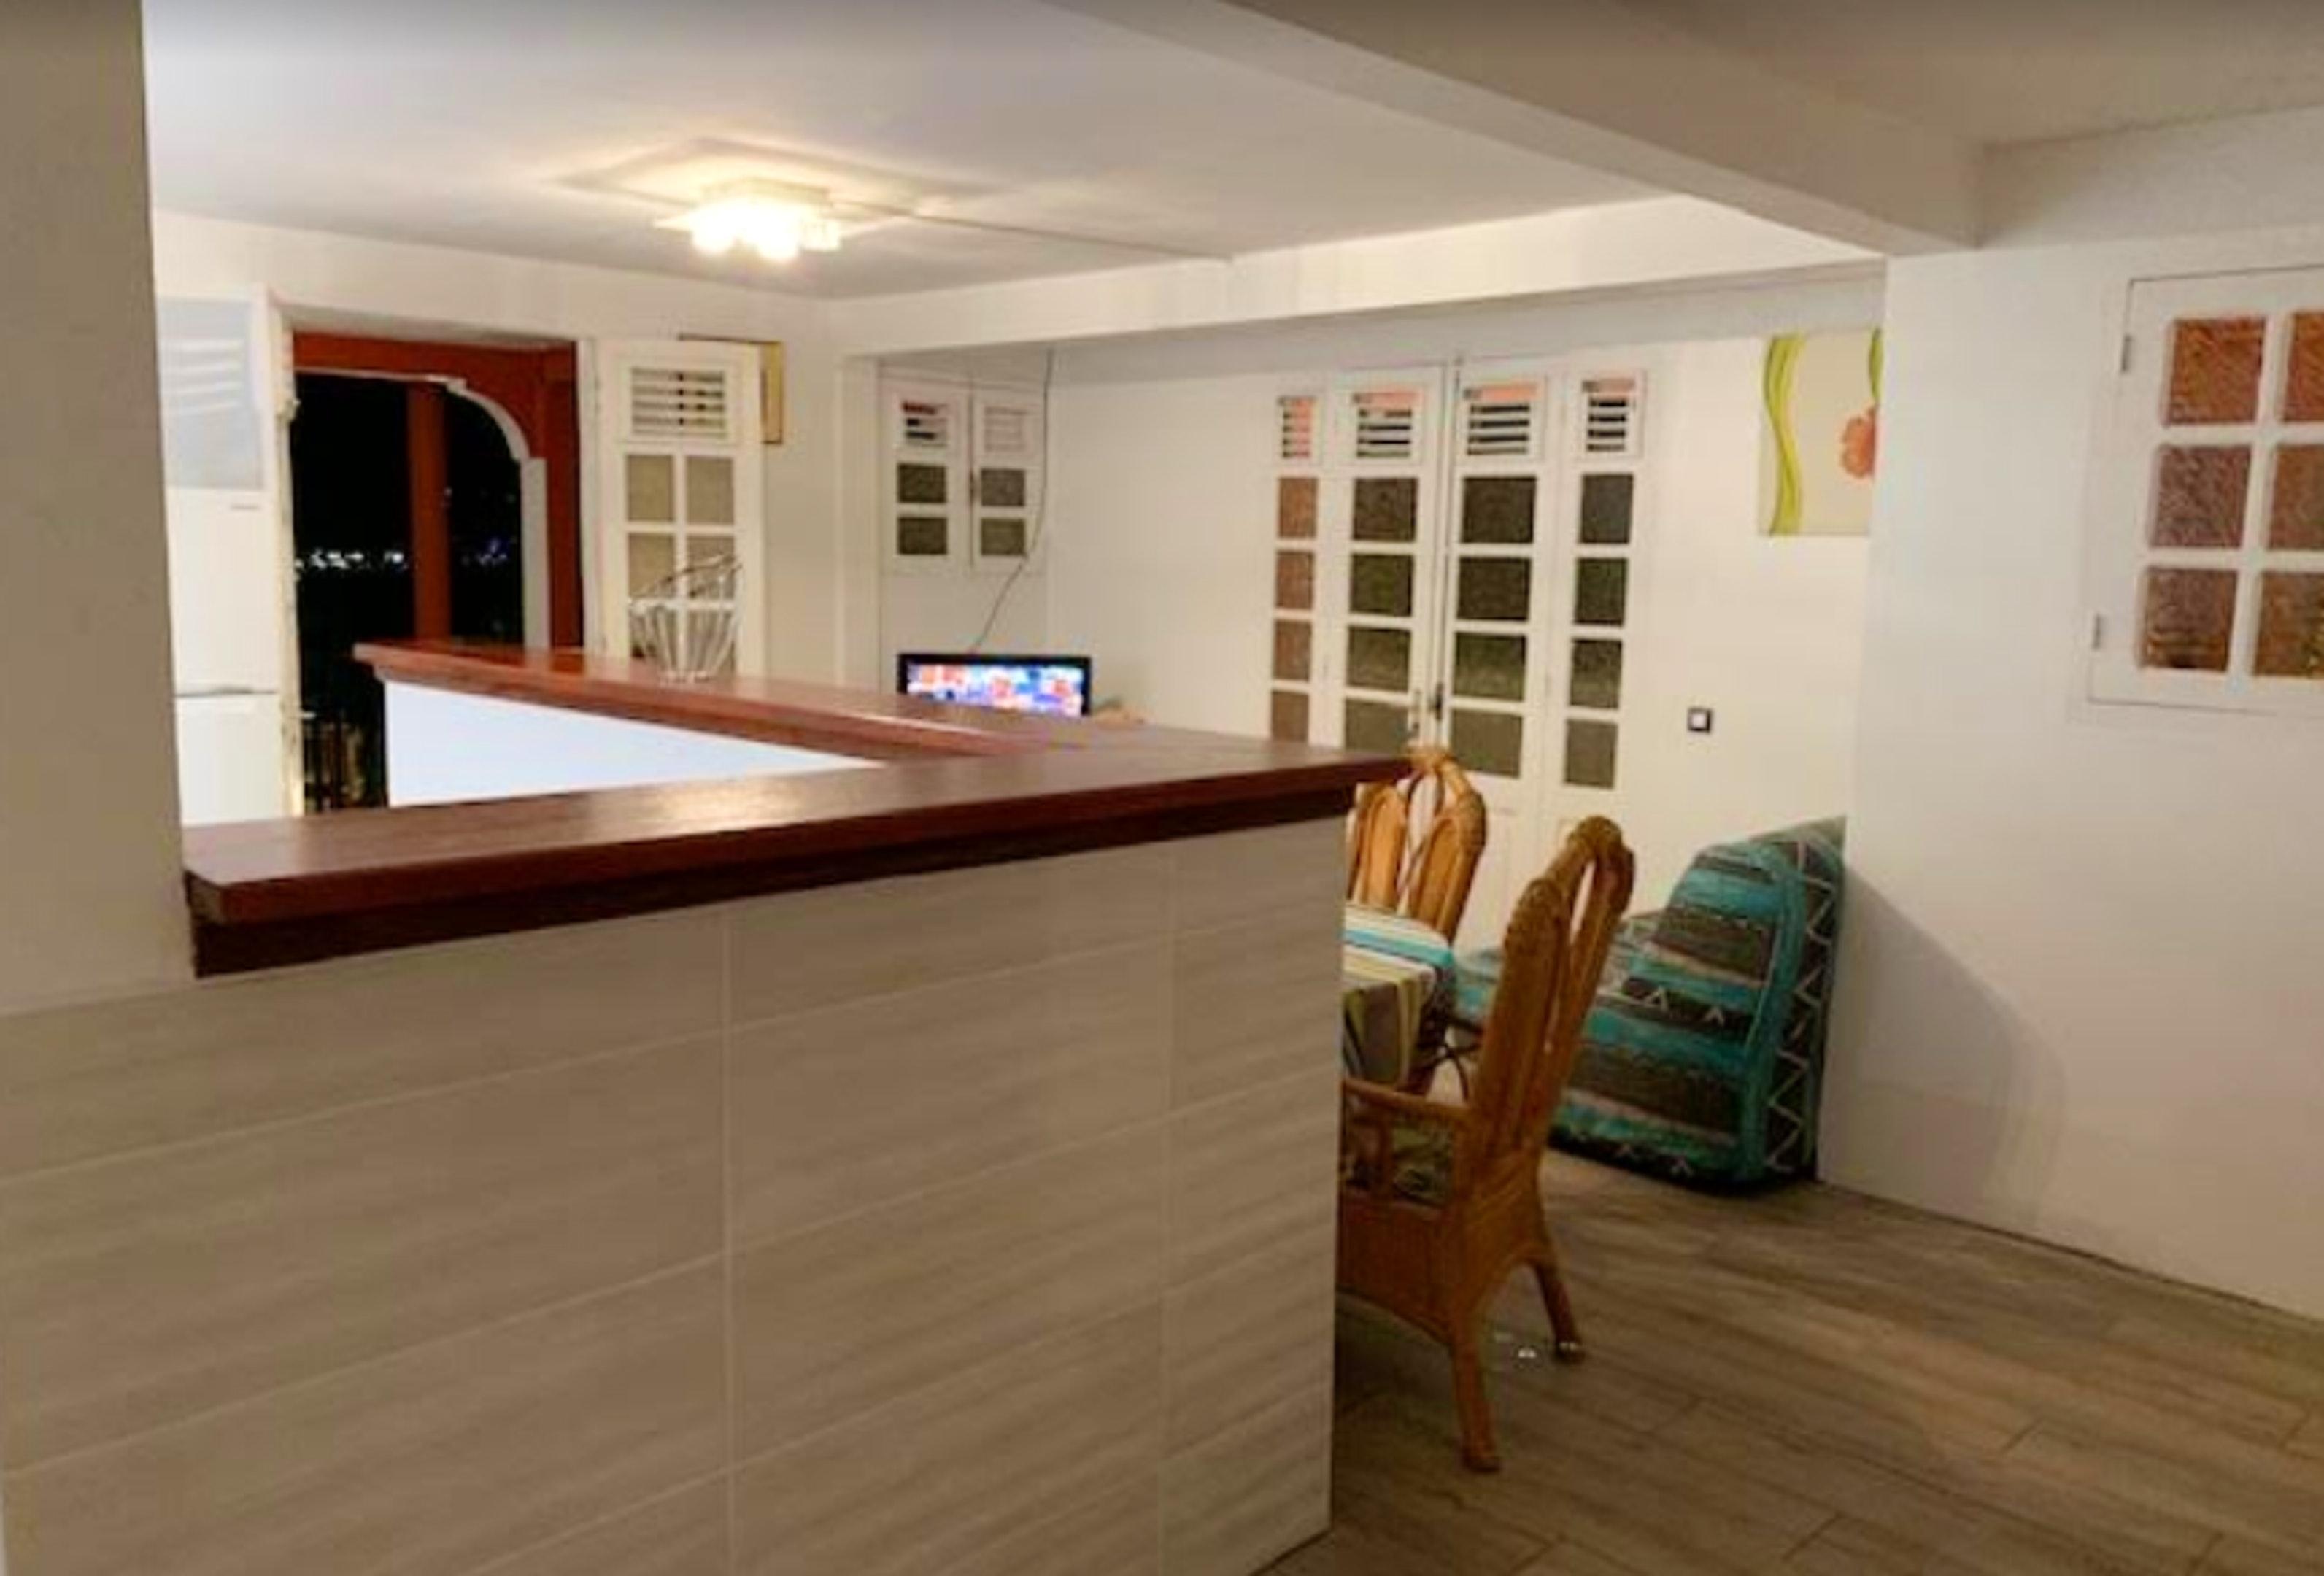 Ferienwohnung Wohnung mit 2 Schlafzimmern in Le Marin mit herrlichem Meerblick, eingezäuntem Garten und  (2732957), Le Marin, Le Marin, Martinique, Karibische Inseln, Bild 13